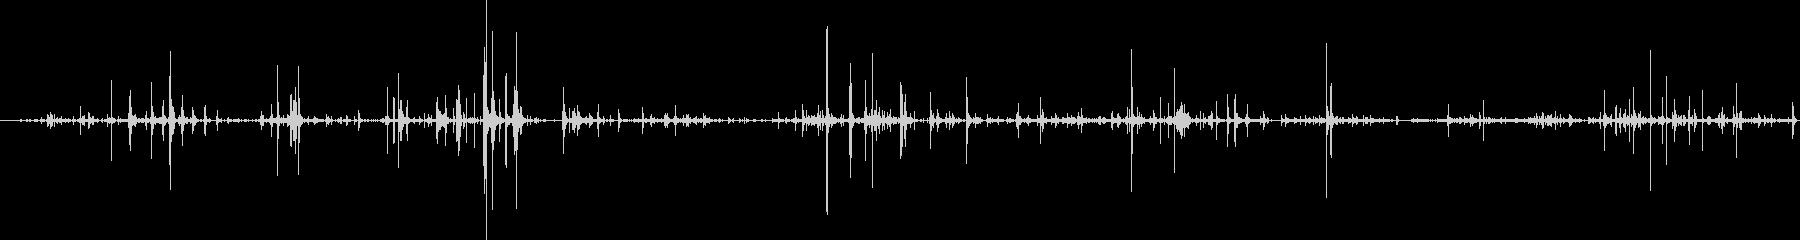 ループ・ネバネバしたものがうごめく音4の未再生の波形